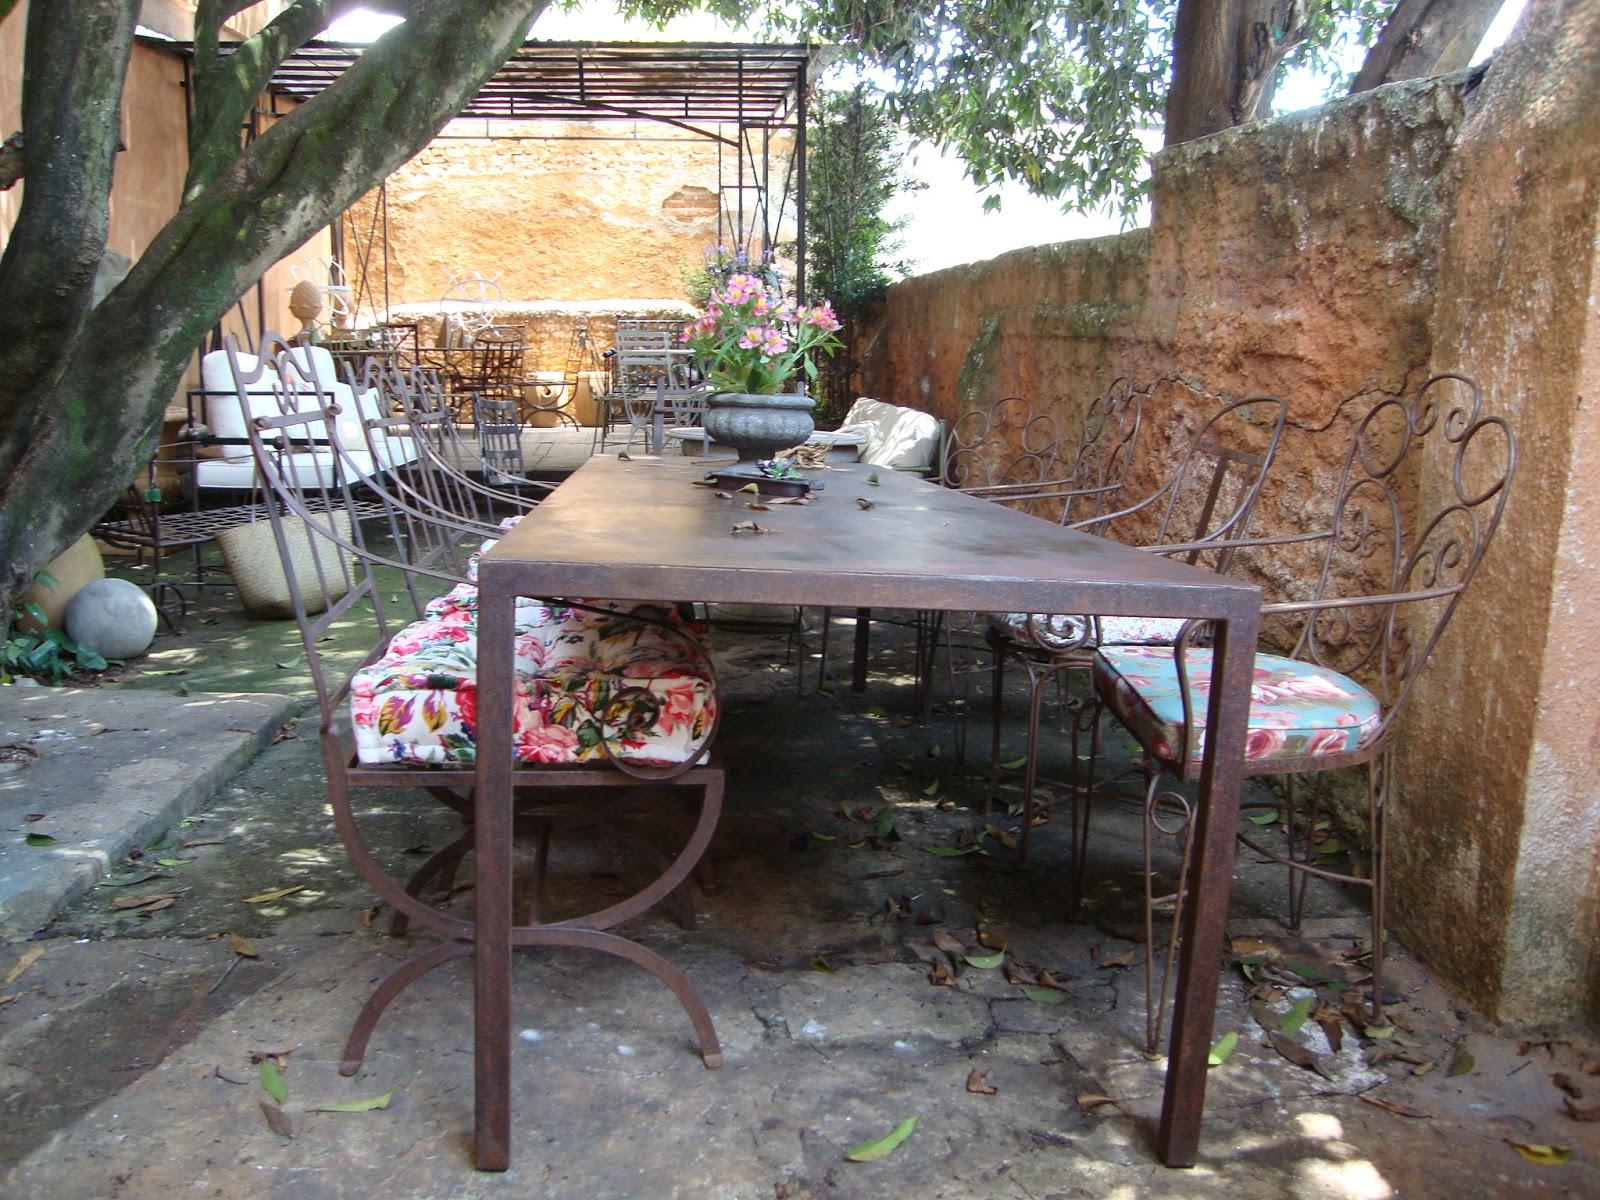 Serralheria de Charme: Móveis de Ferro para almoçar no seu jardim #996C32 1600x1200